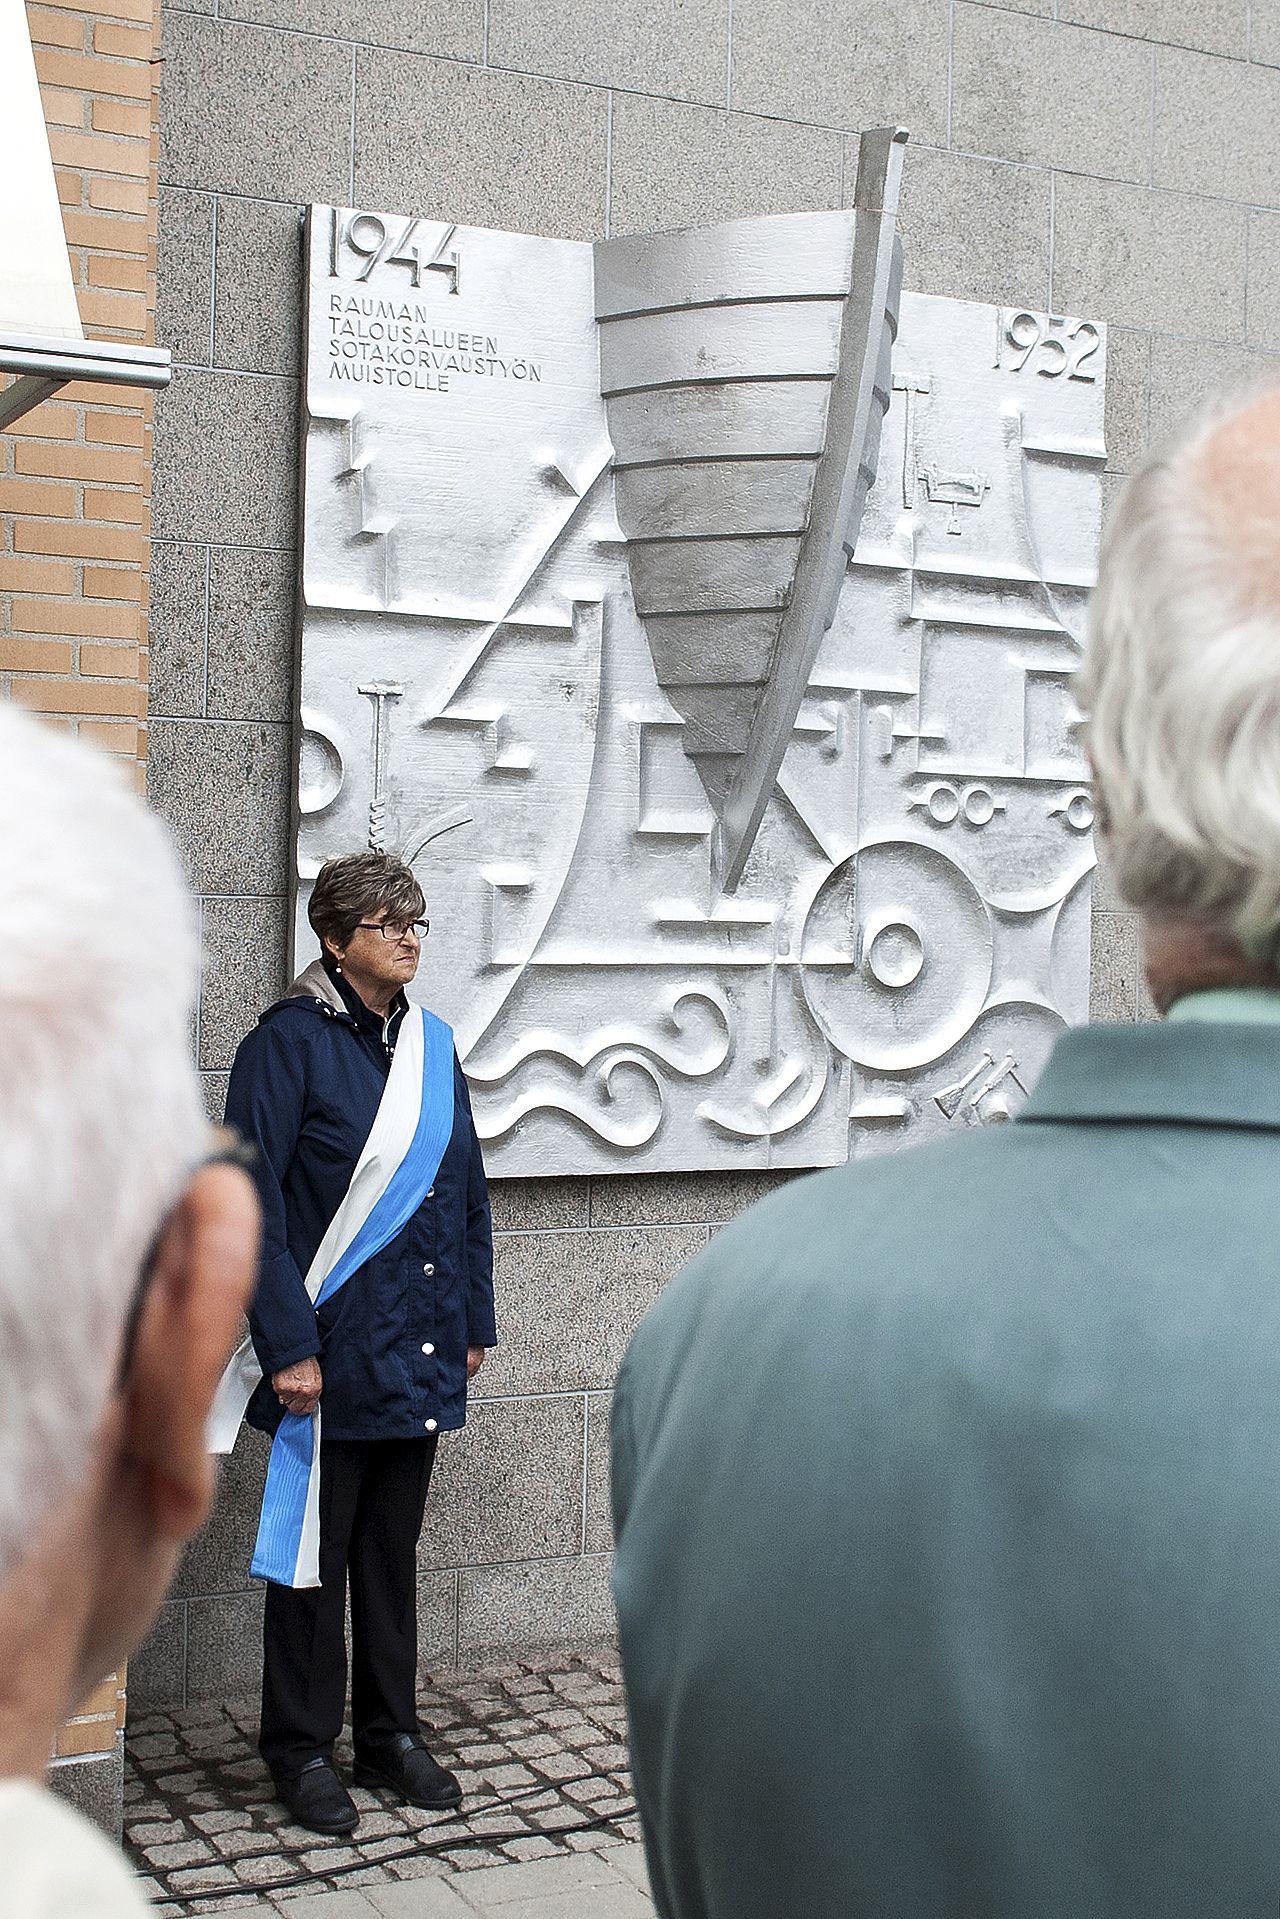 Sotakorvaustyön muistomerkki paljastettiin kaupungintalolla elokuussa.